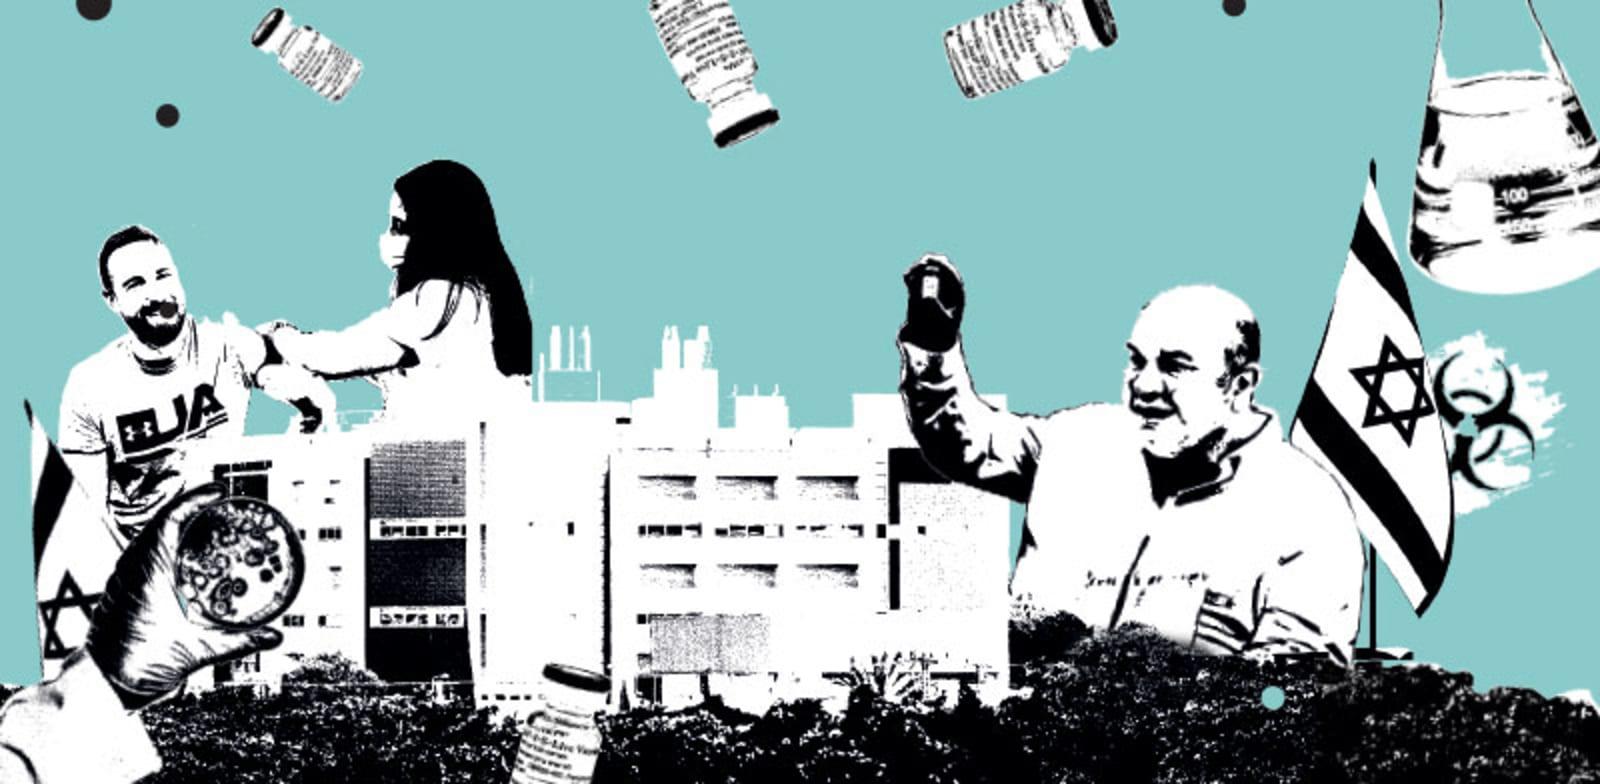 מסע הייסורים של החיסון הישראלי / עיצוב: אלישע נדב